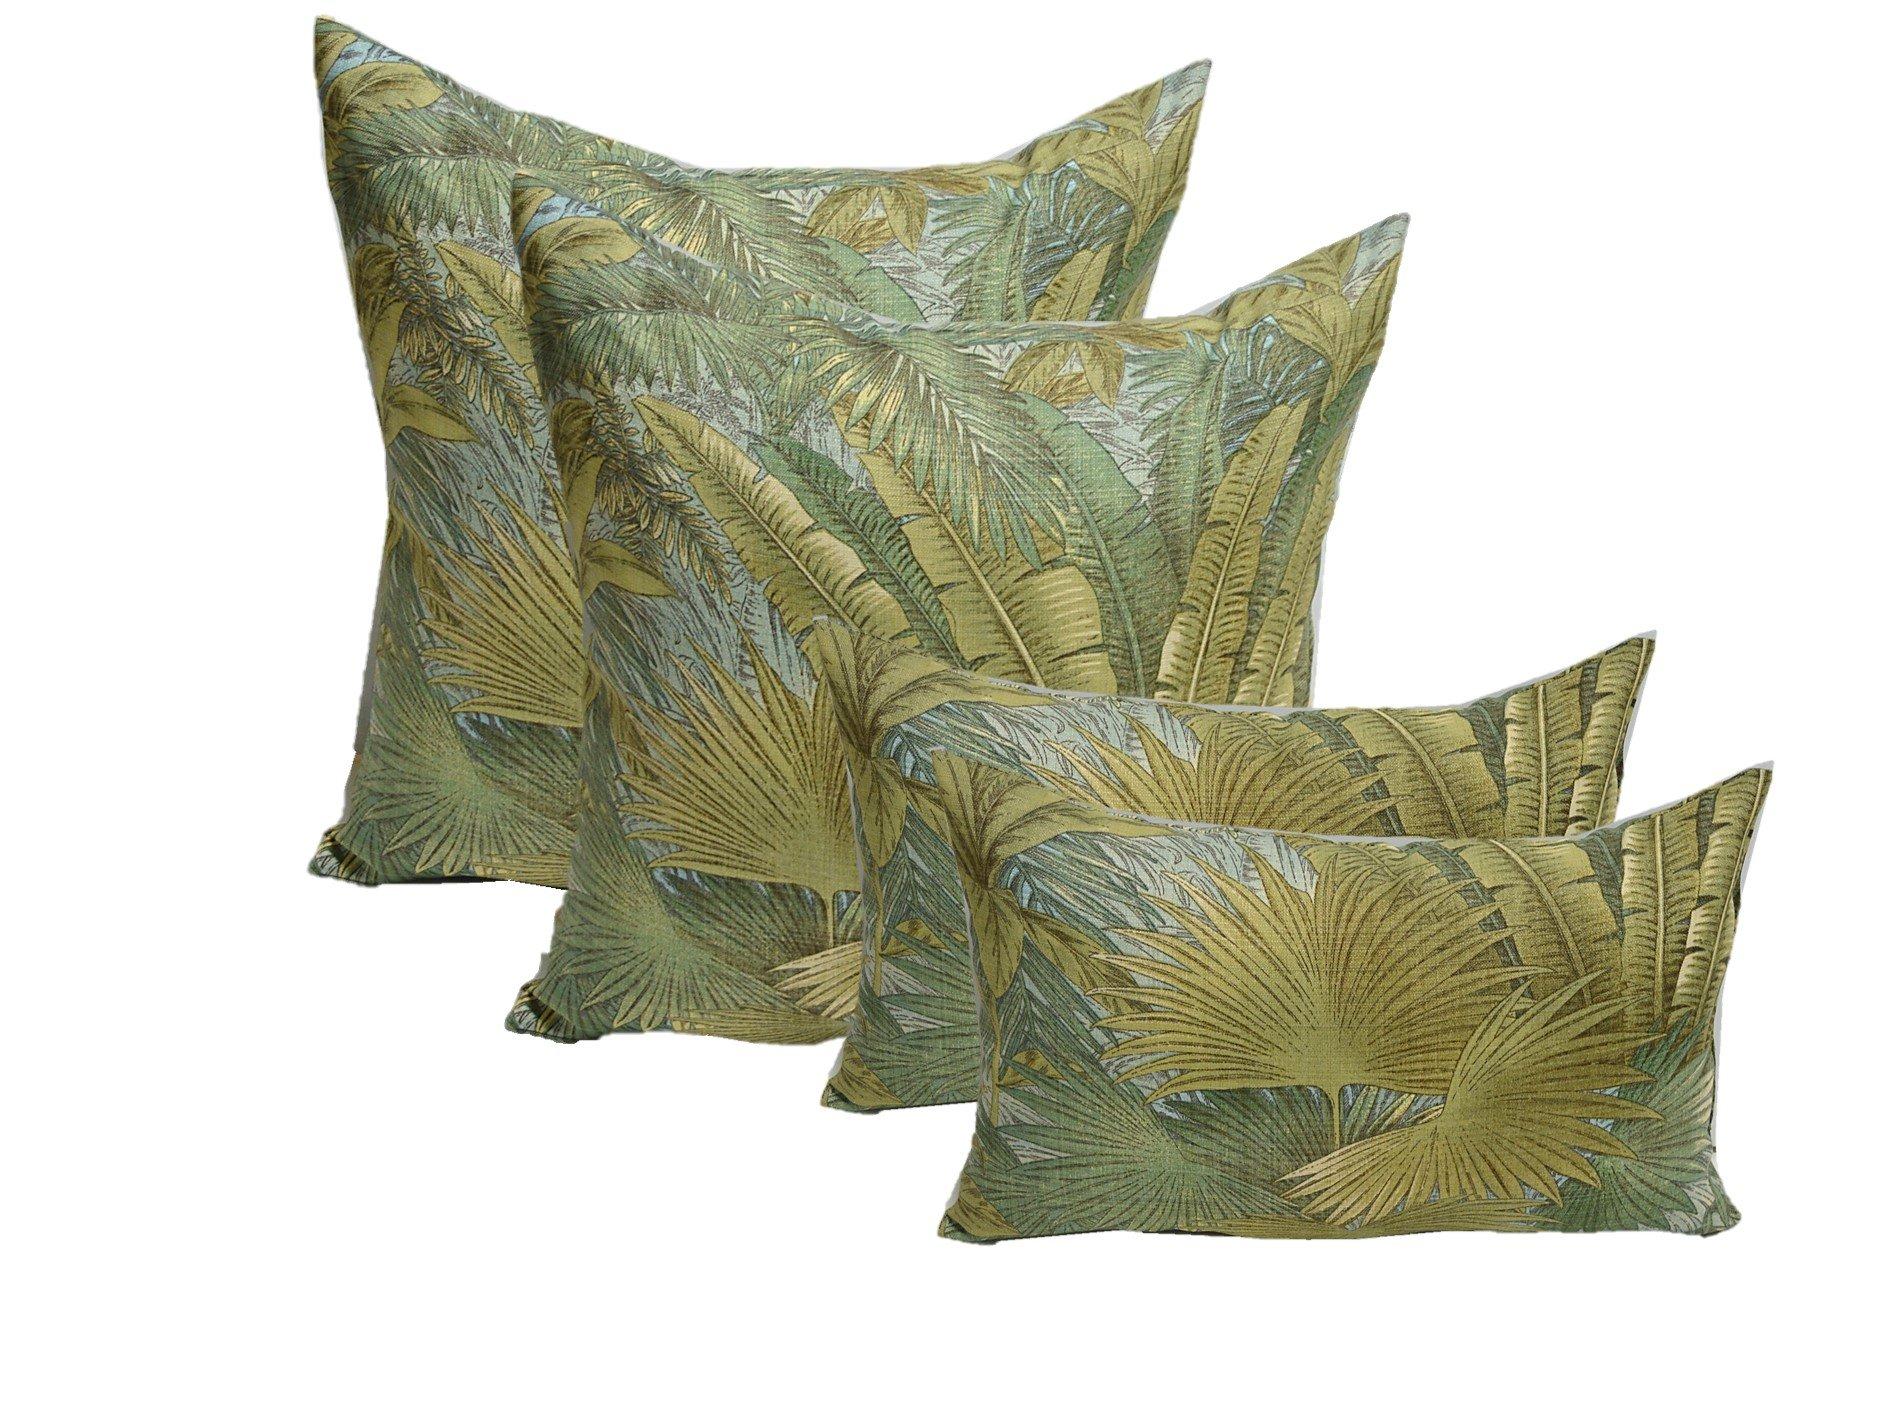 """Set of 4 Indoor / Outdoor Pillows - 17"""" Square Throw Pillows & 11"""" x 19"""" Rectangle / Lumbar Decorative Throw Pillows - Green, Tan, Blue Tommy Bahama Bahamian Breeze Surf Fabric"""